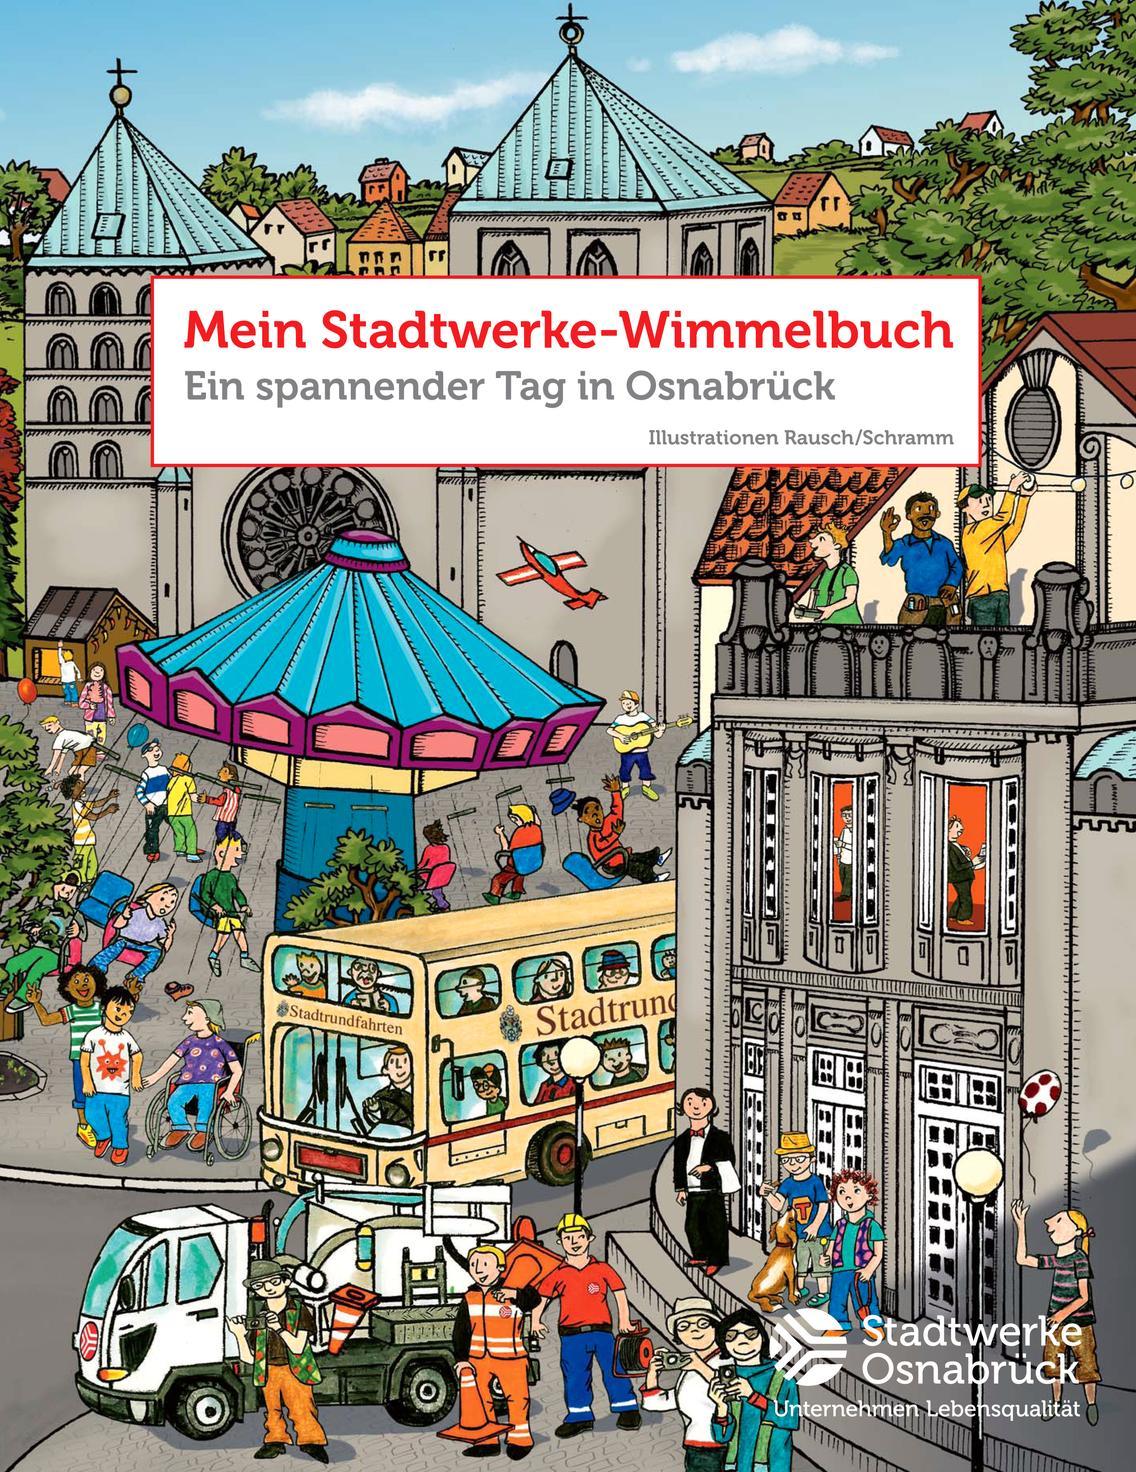 Titel des Stadtwerke Wimmelbuchs